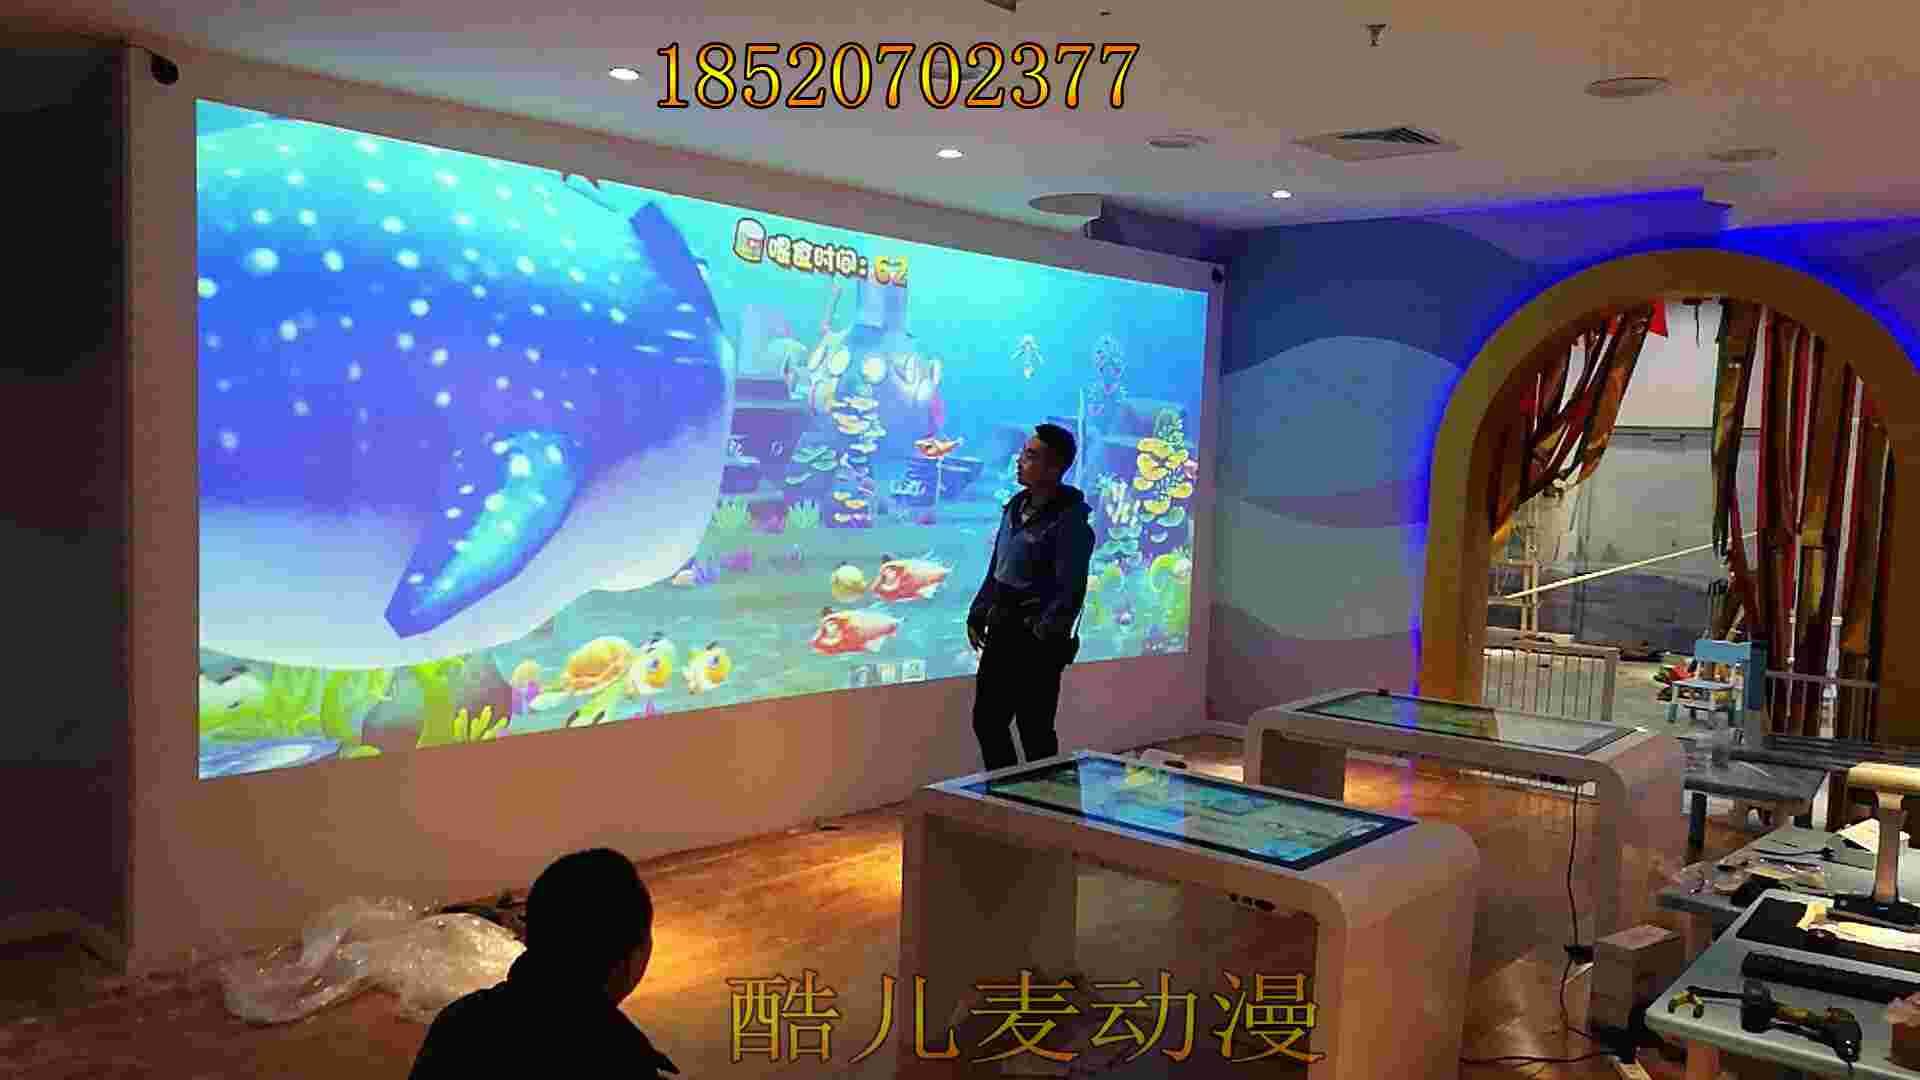 儿童墙面互动游艺设备-广州划算的互动水族馆投影游乐设备供销